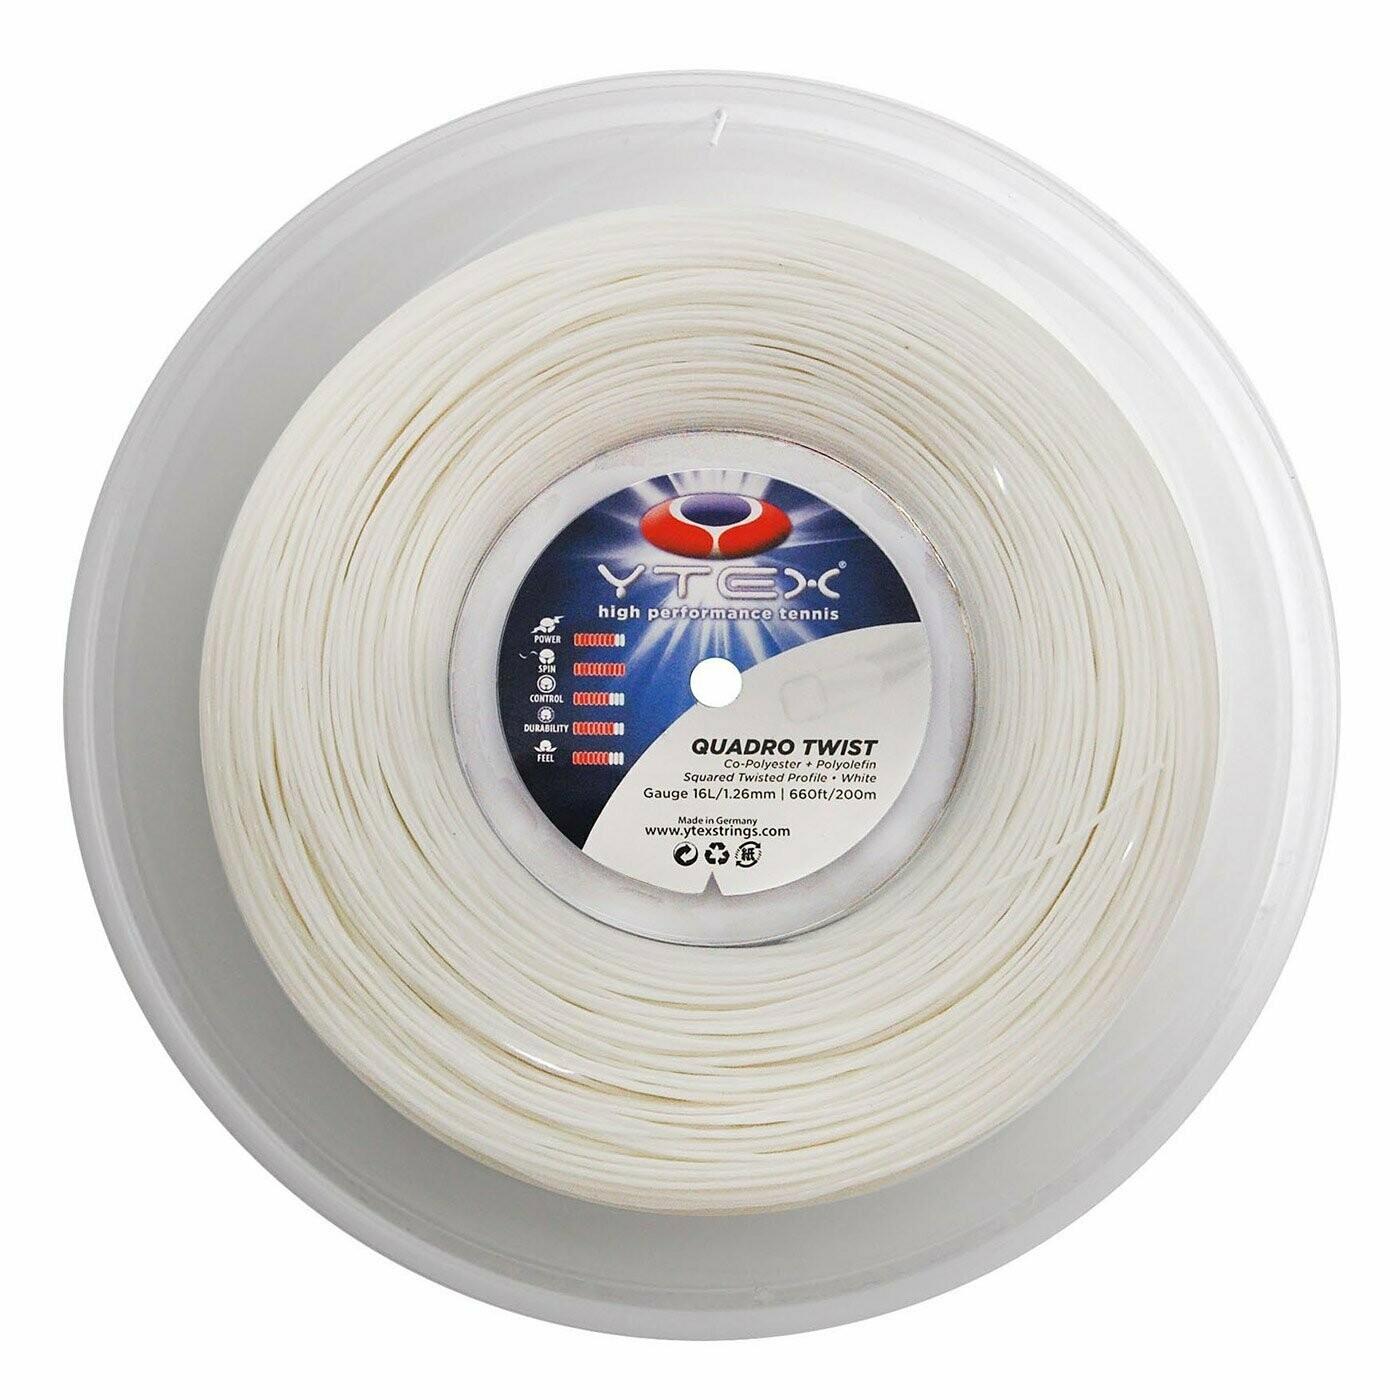 Ytex Quadro Twist White